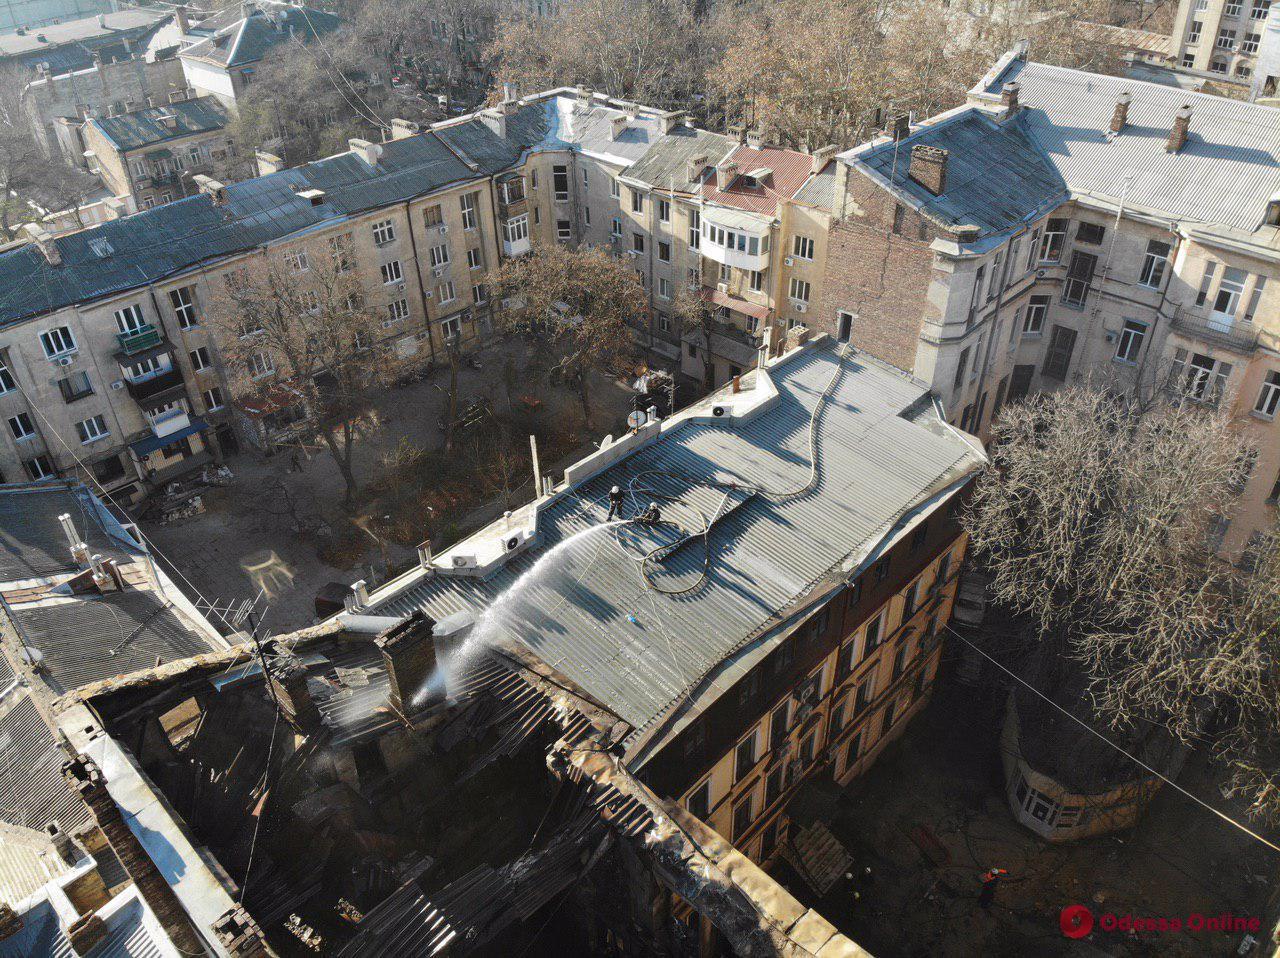 Крышу сгоревшего здания на Троицкой проливают водой (фото с квадрокоптера)